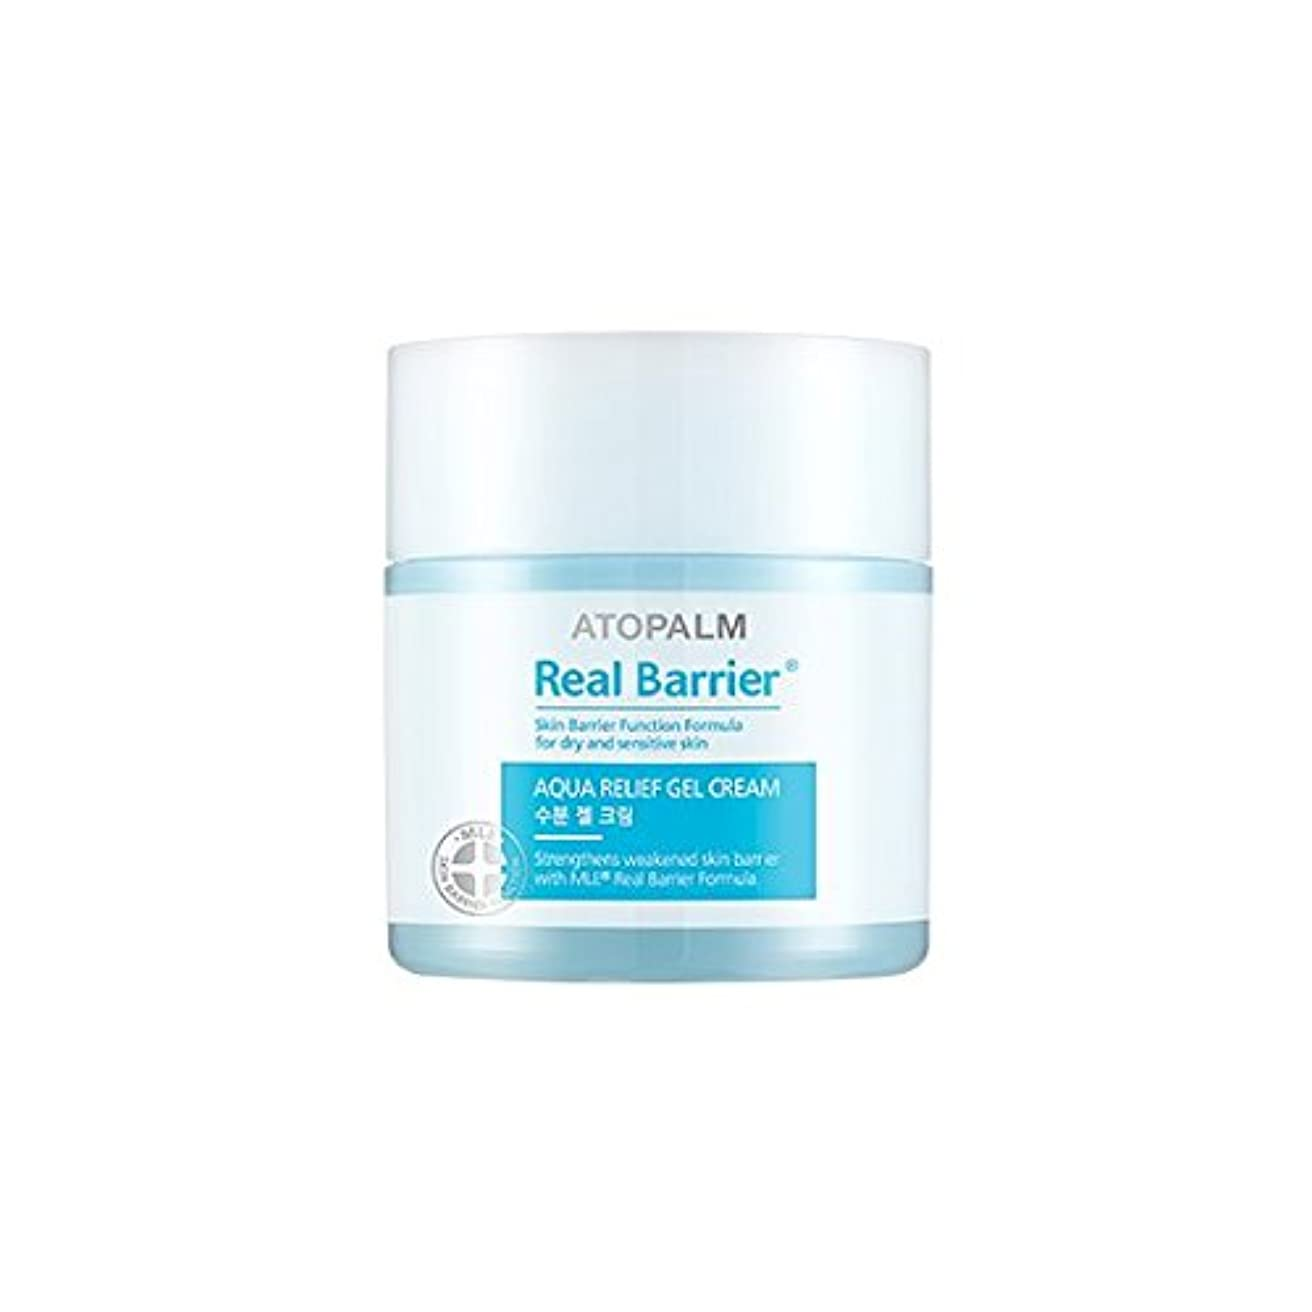 謎めいたプライムマリナーATOPALM Real Barrier Aqua Relief Gel Cream 50ml/アトパーム リアル バリア アクア リリーフ ジェル クリーム 50ml [並行輸入品]